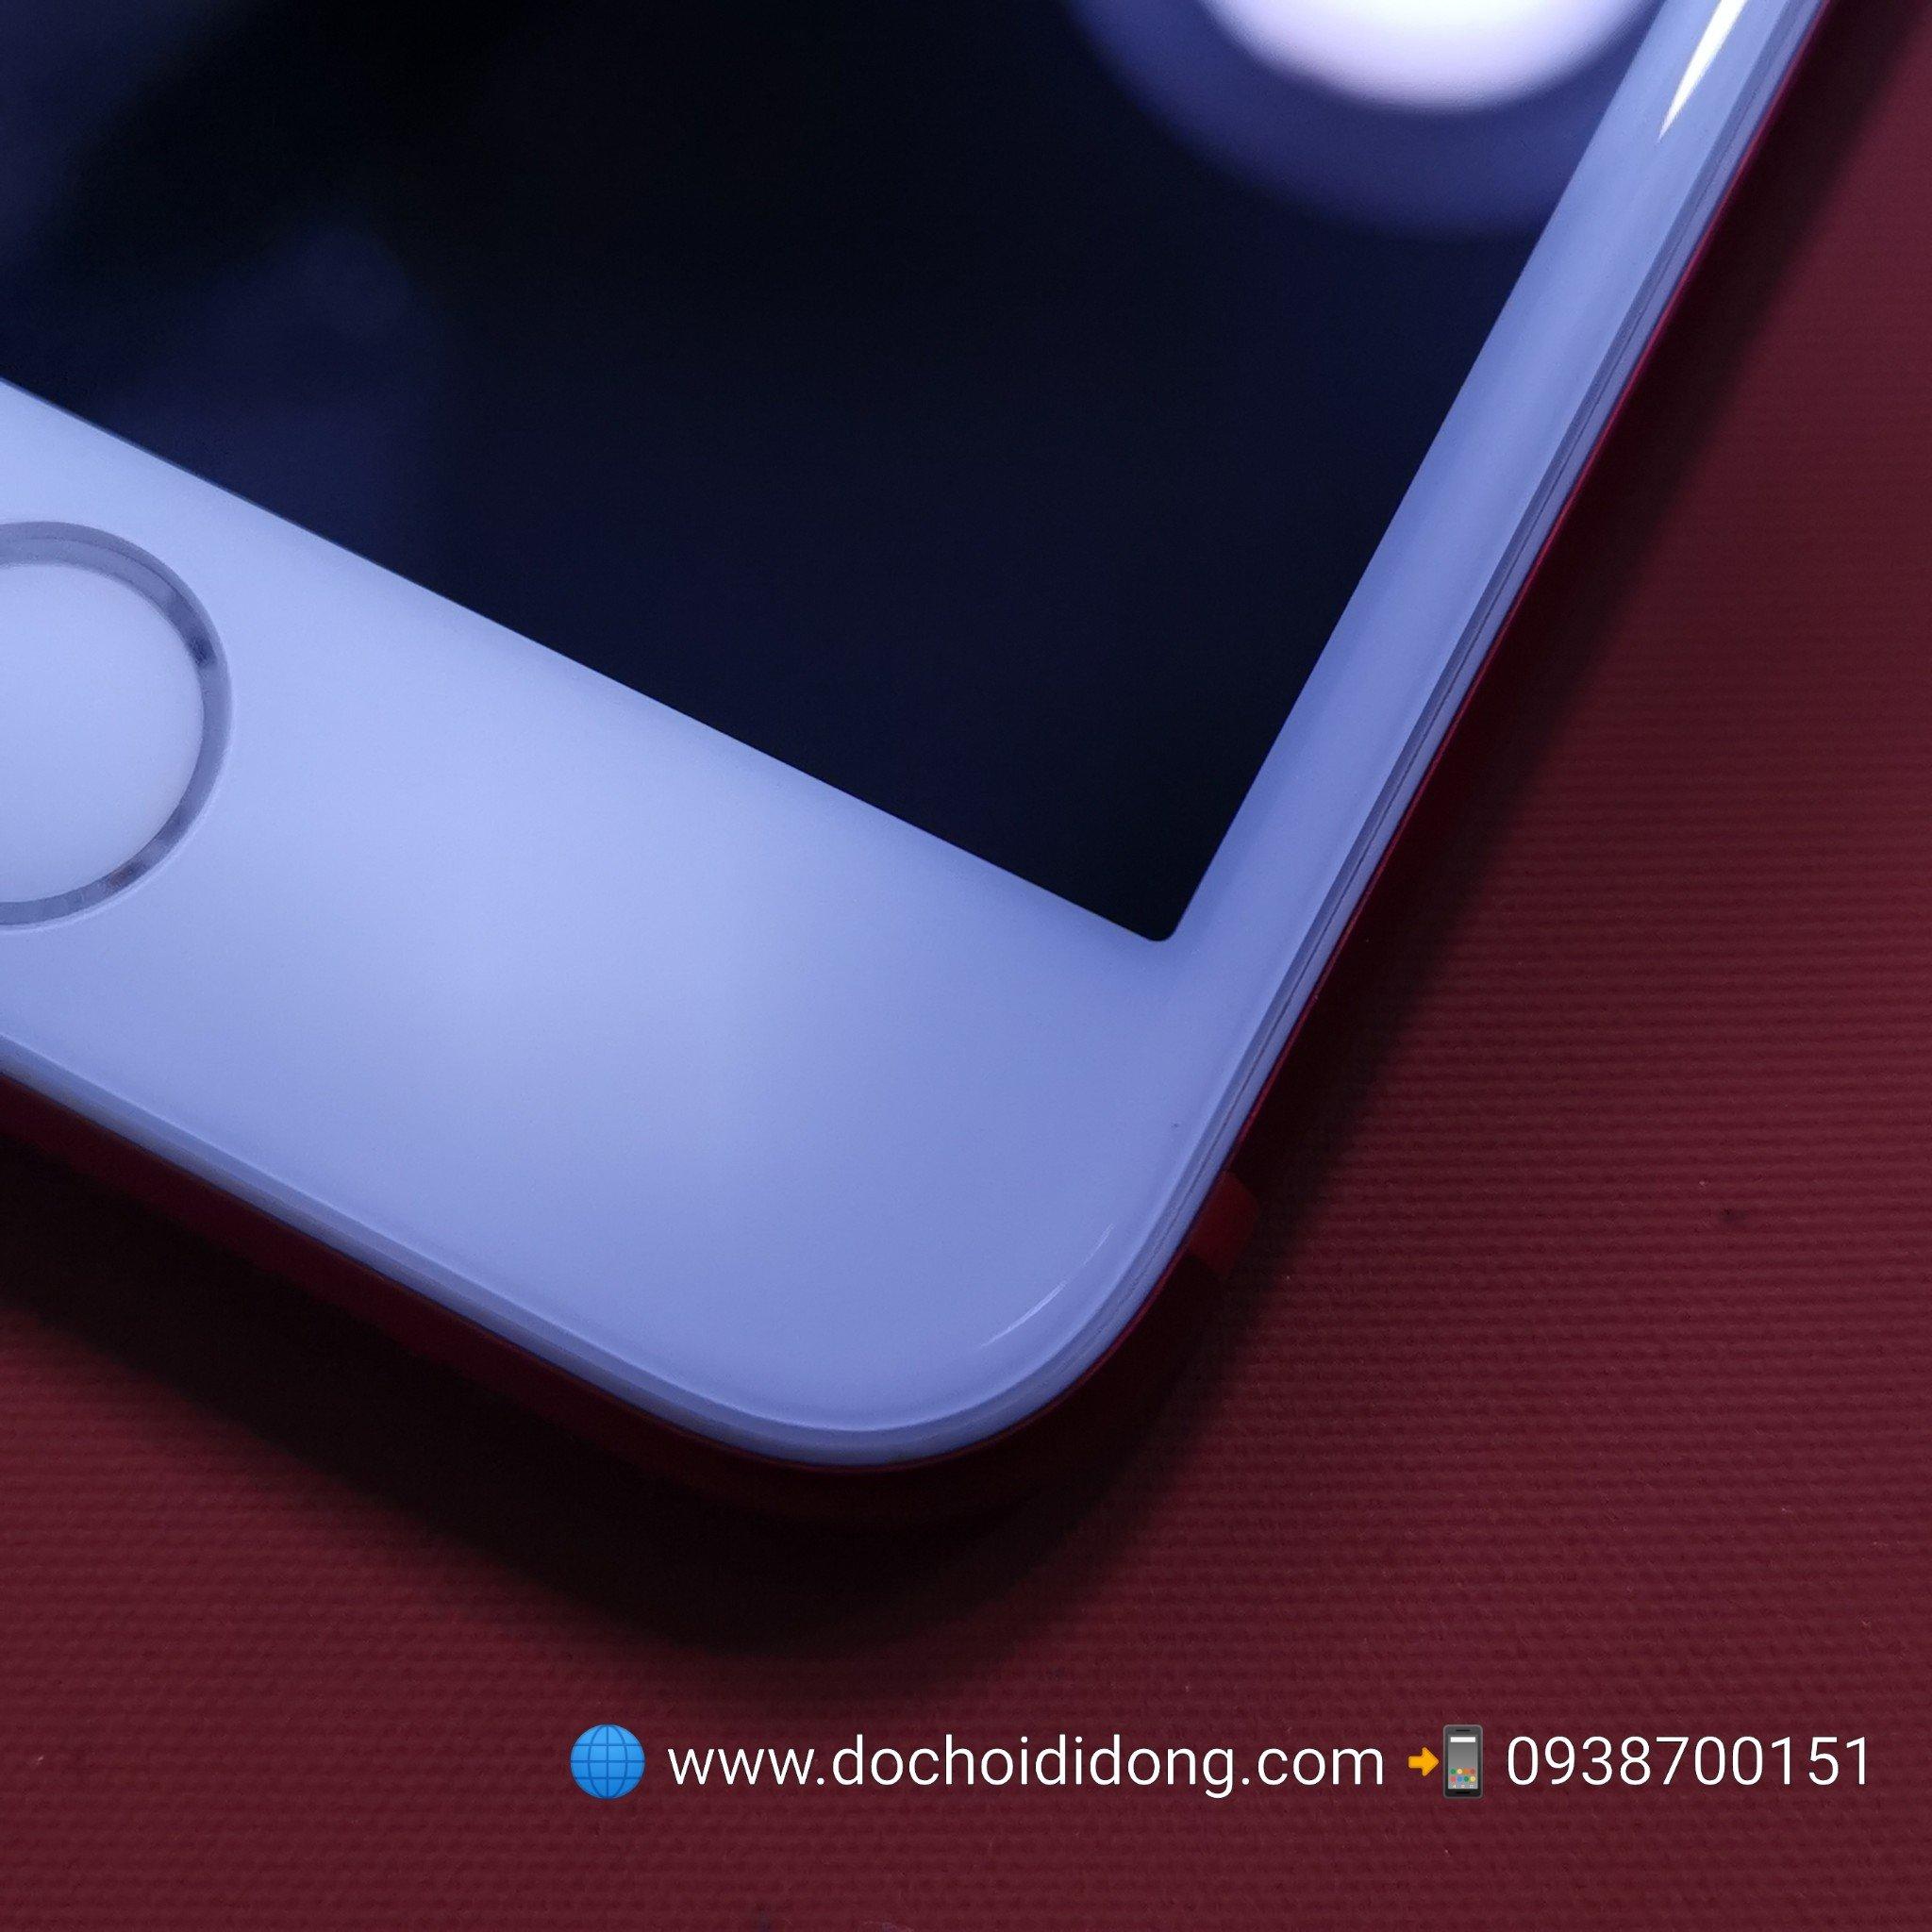 mieng-dan-cuong-luc-iphone-7-nillkin-3d-cp-max-full-man-hinh-9h